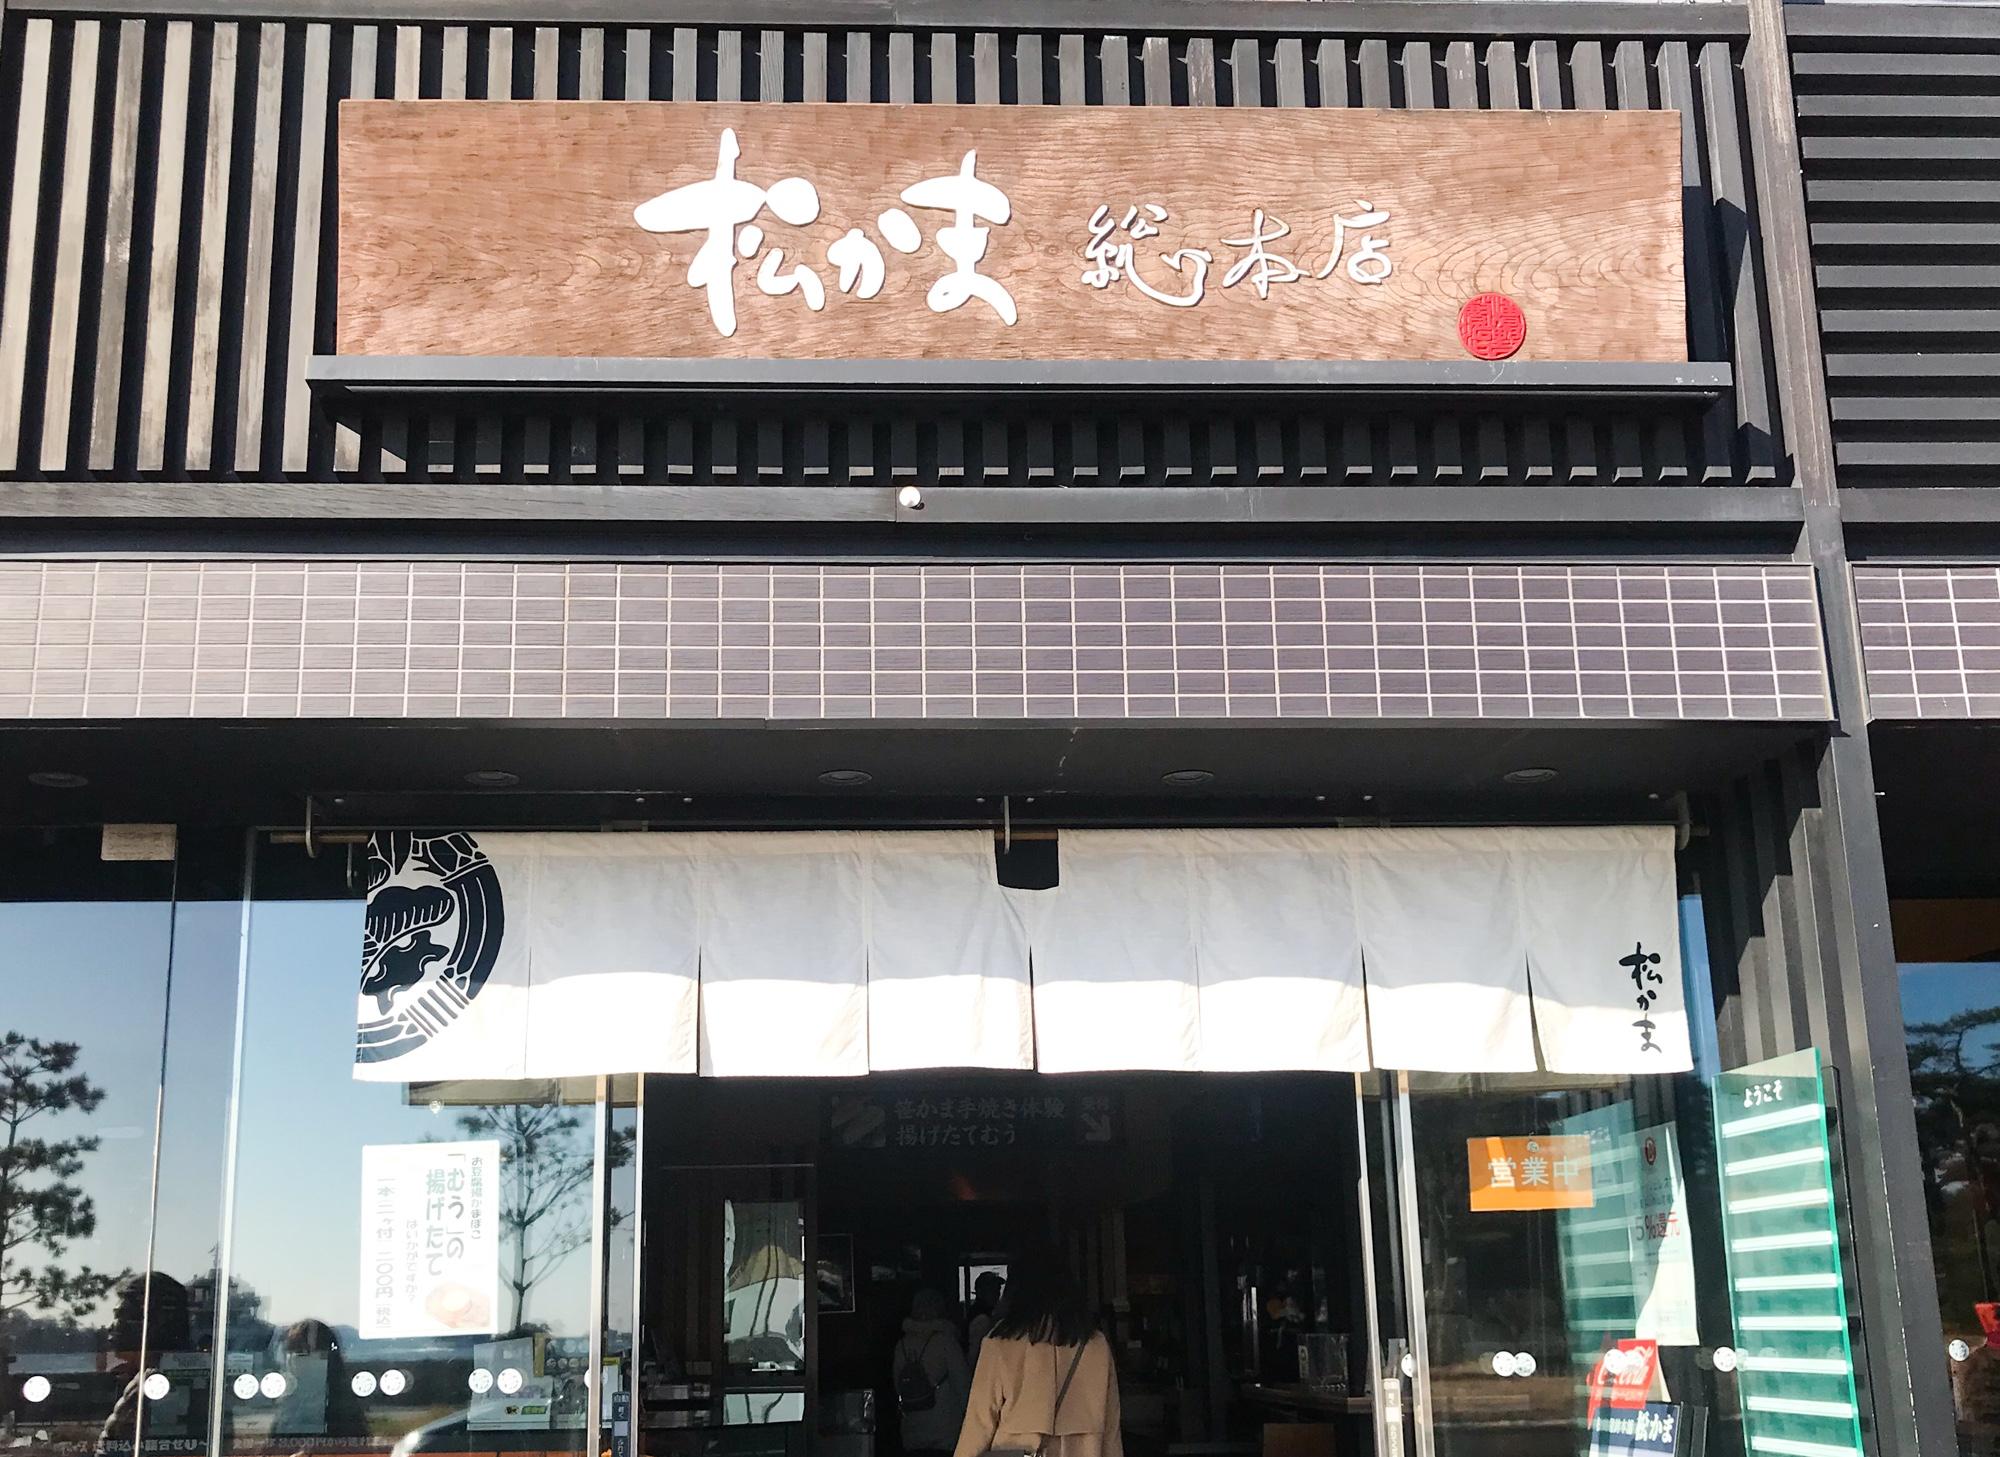 松島観光 笹かまぼこ焼き体験